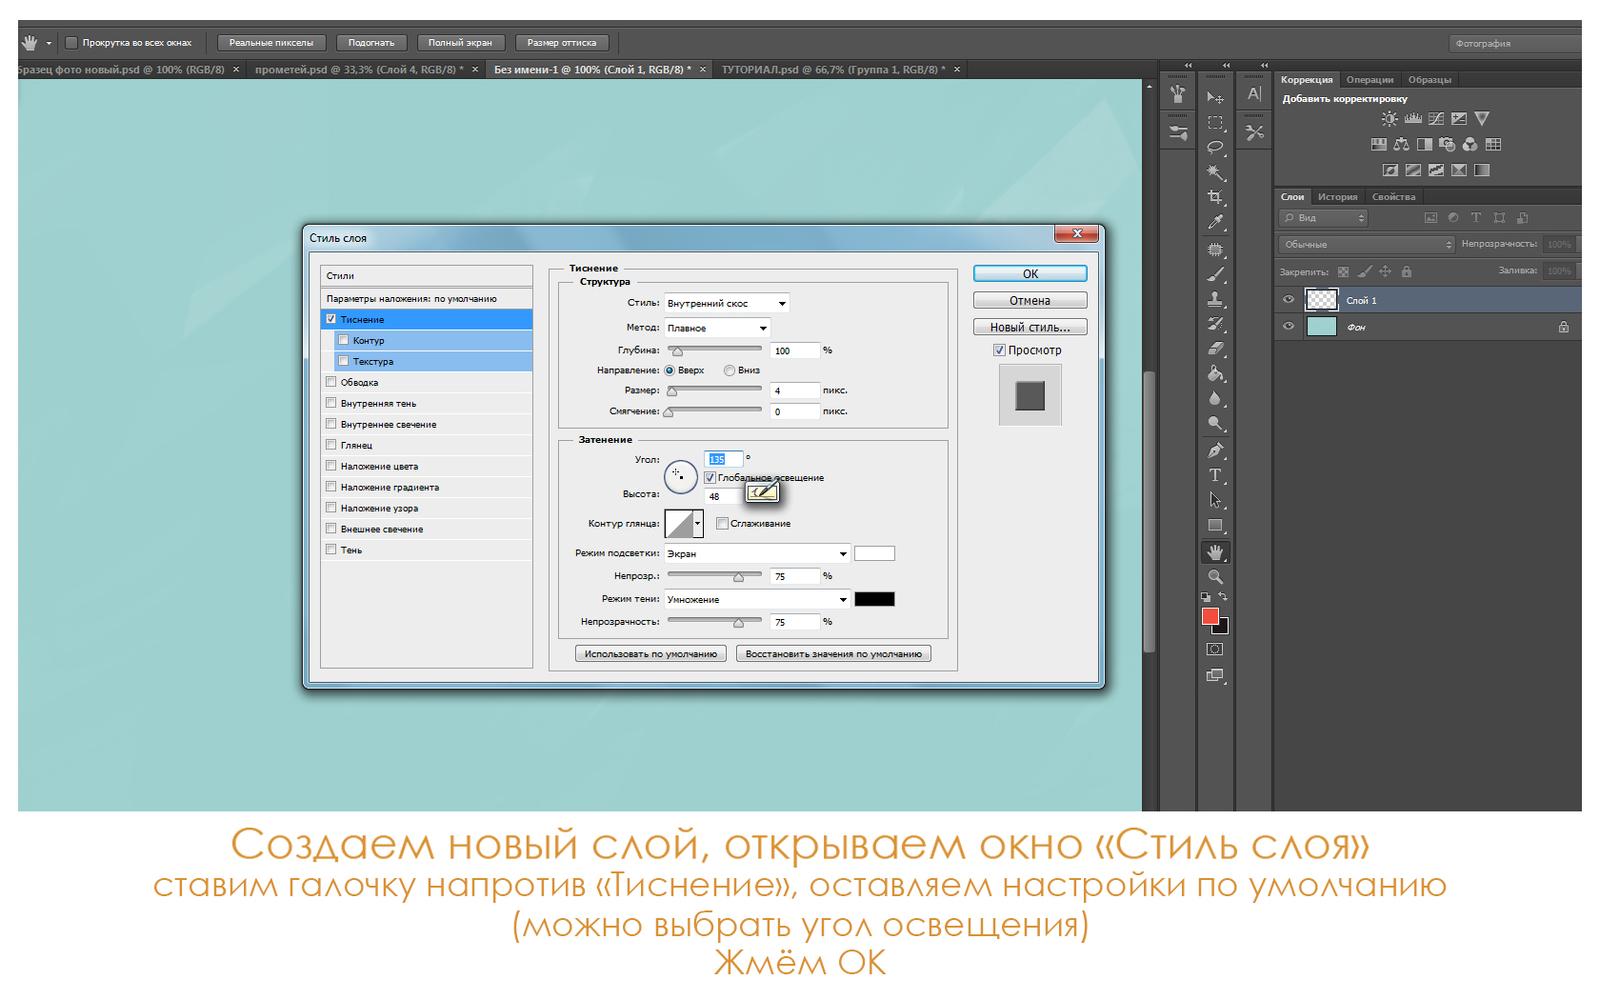 Эффект дуотон в Фотошопе / Основы Photoshop / Уроки | 1000x1600